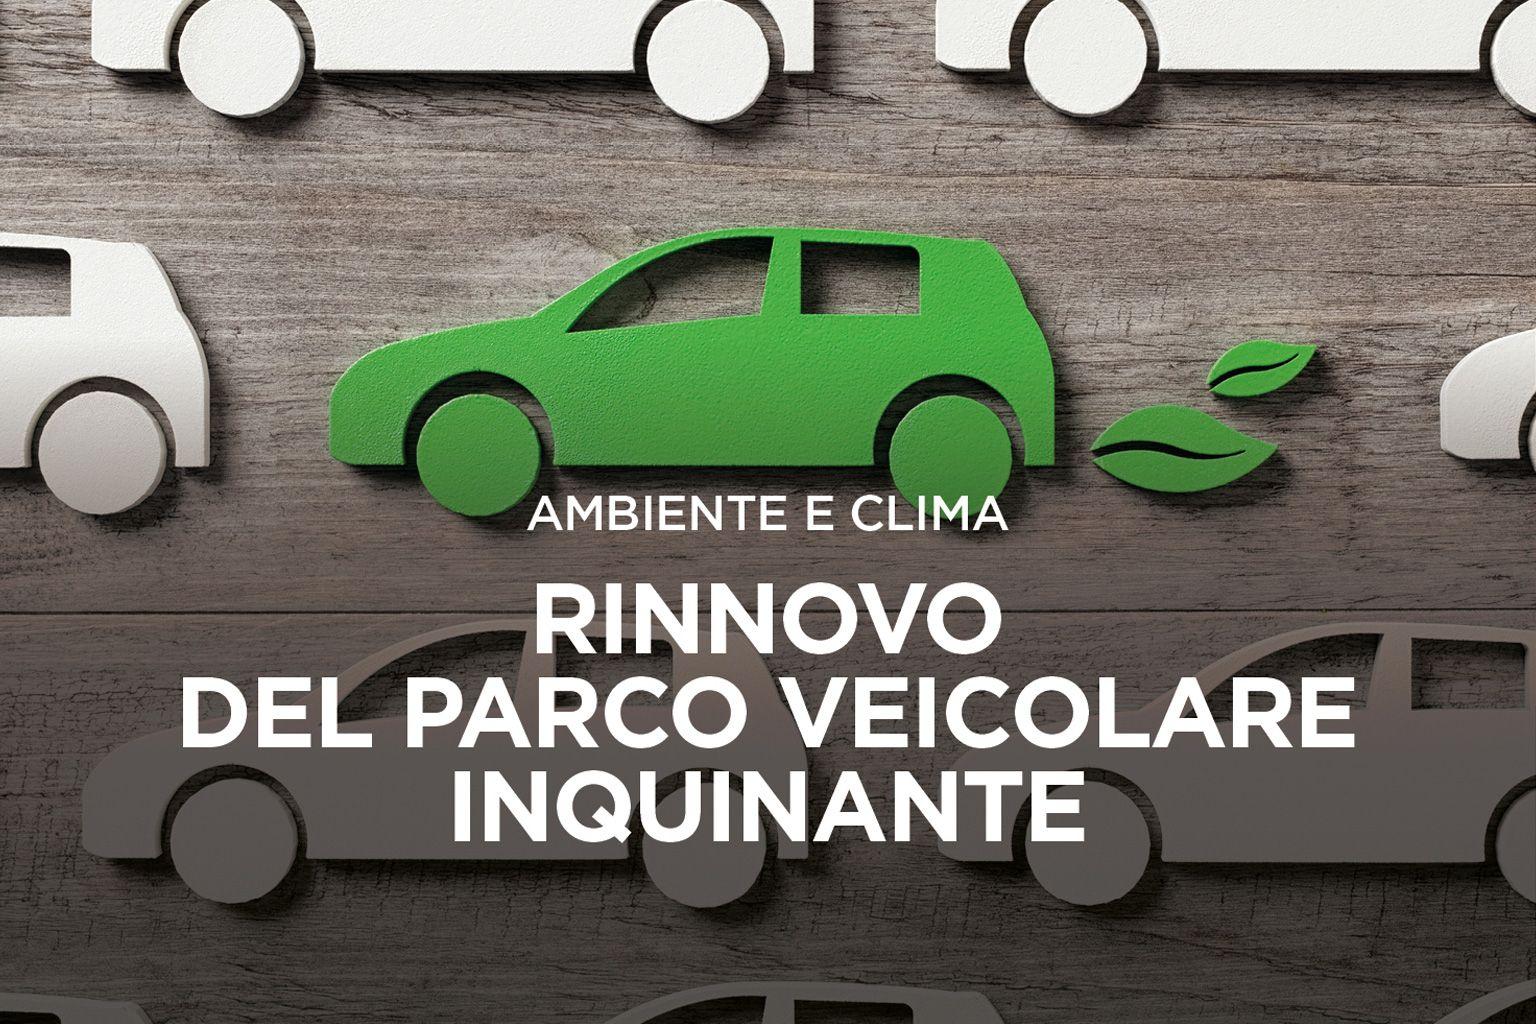 Venditori/Concessionari di veicoli - Adesione alla misura di incentivazione per il rinnovo del parco veicolare lombardo